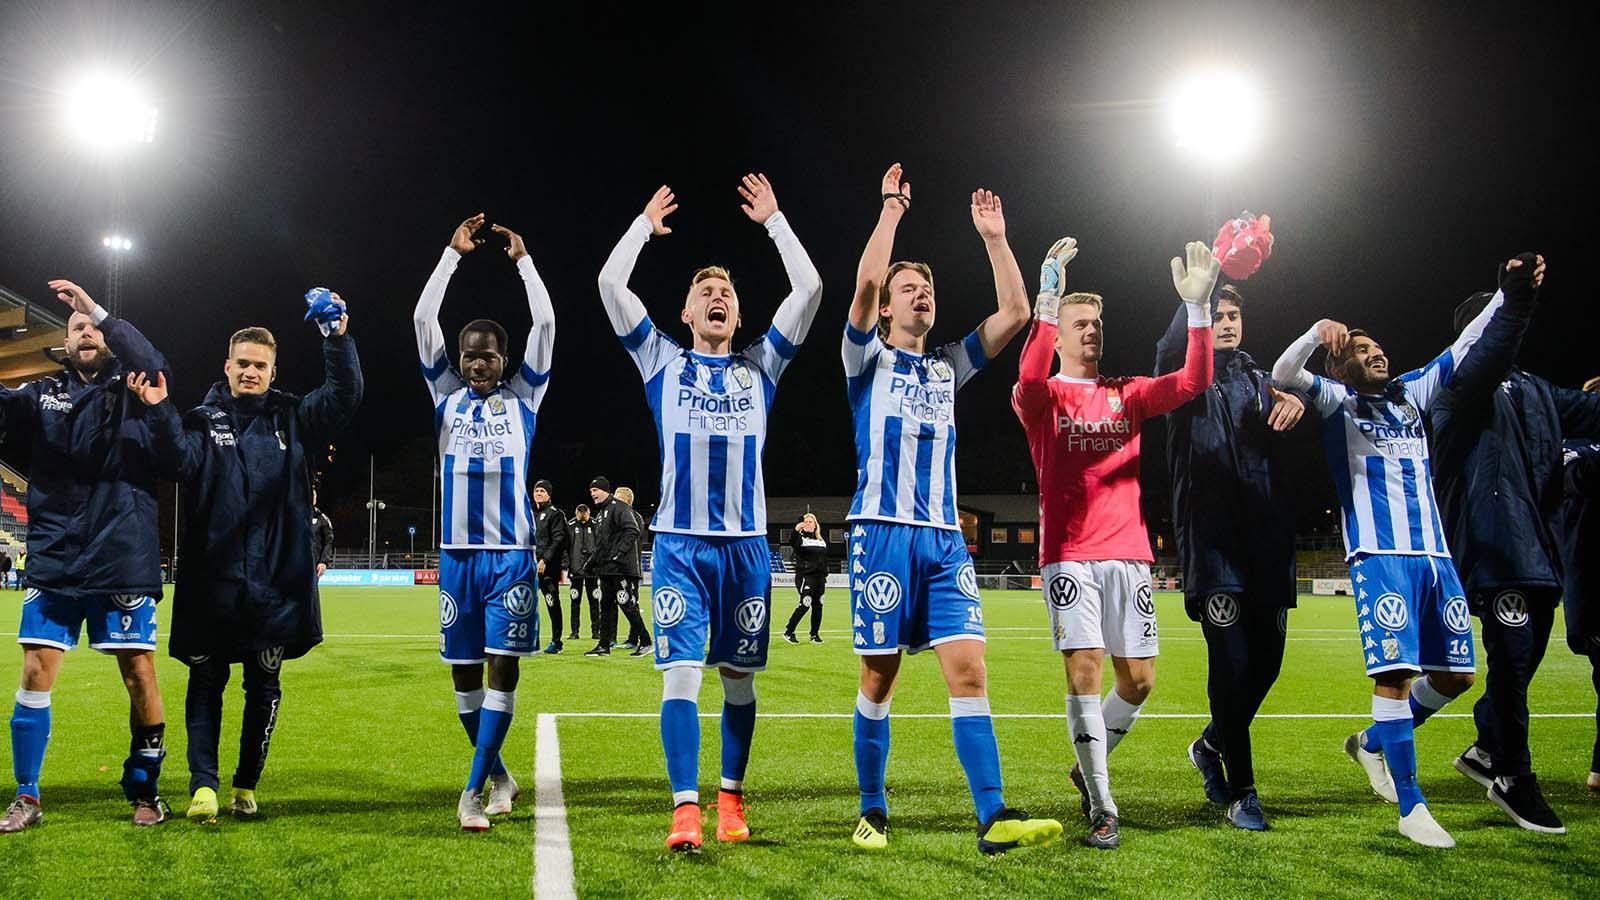 181022 IFK Göteborgs spelare jublar efter en fotbollmatchen i Allsvenskan mellan Brommapojkarna och IFK Göteborg den 22 oktober 2018 i Stockholm. Foto: Simon Hastegård / Bildbyrån / Cop 118